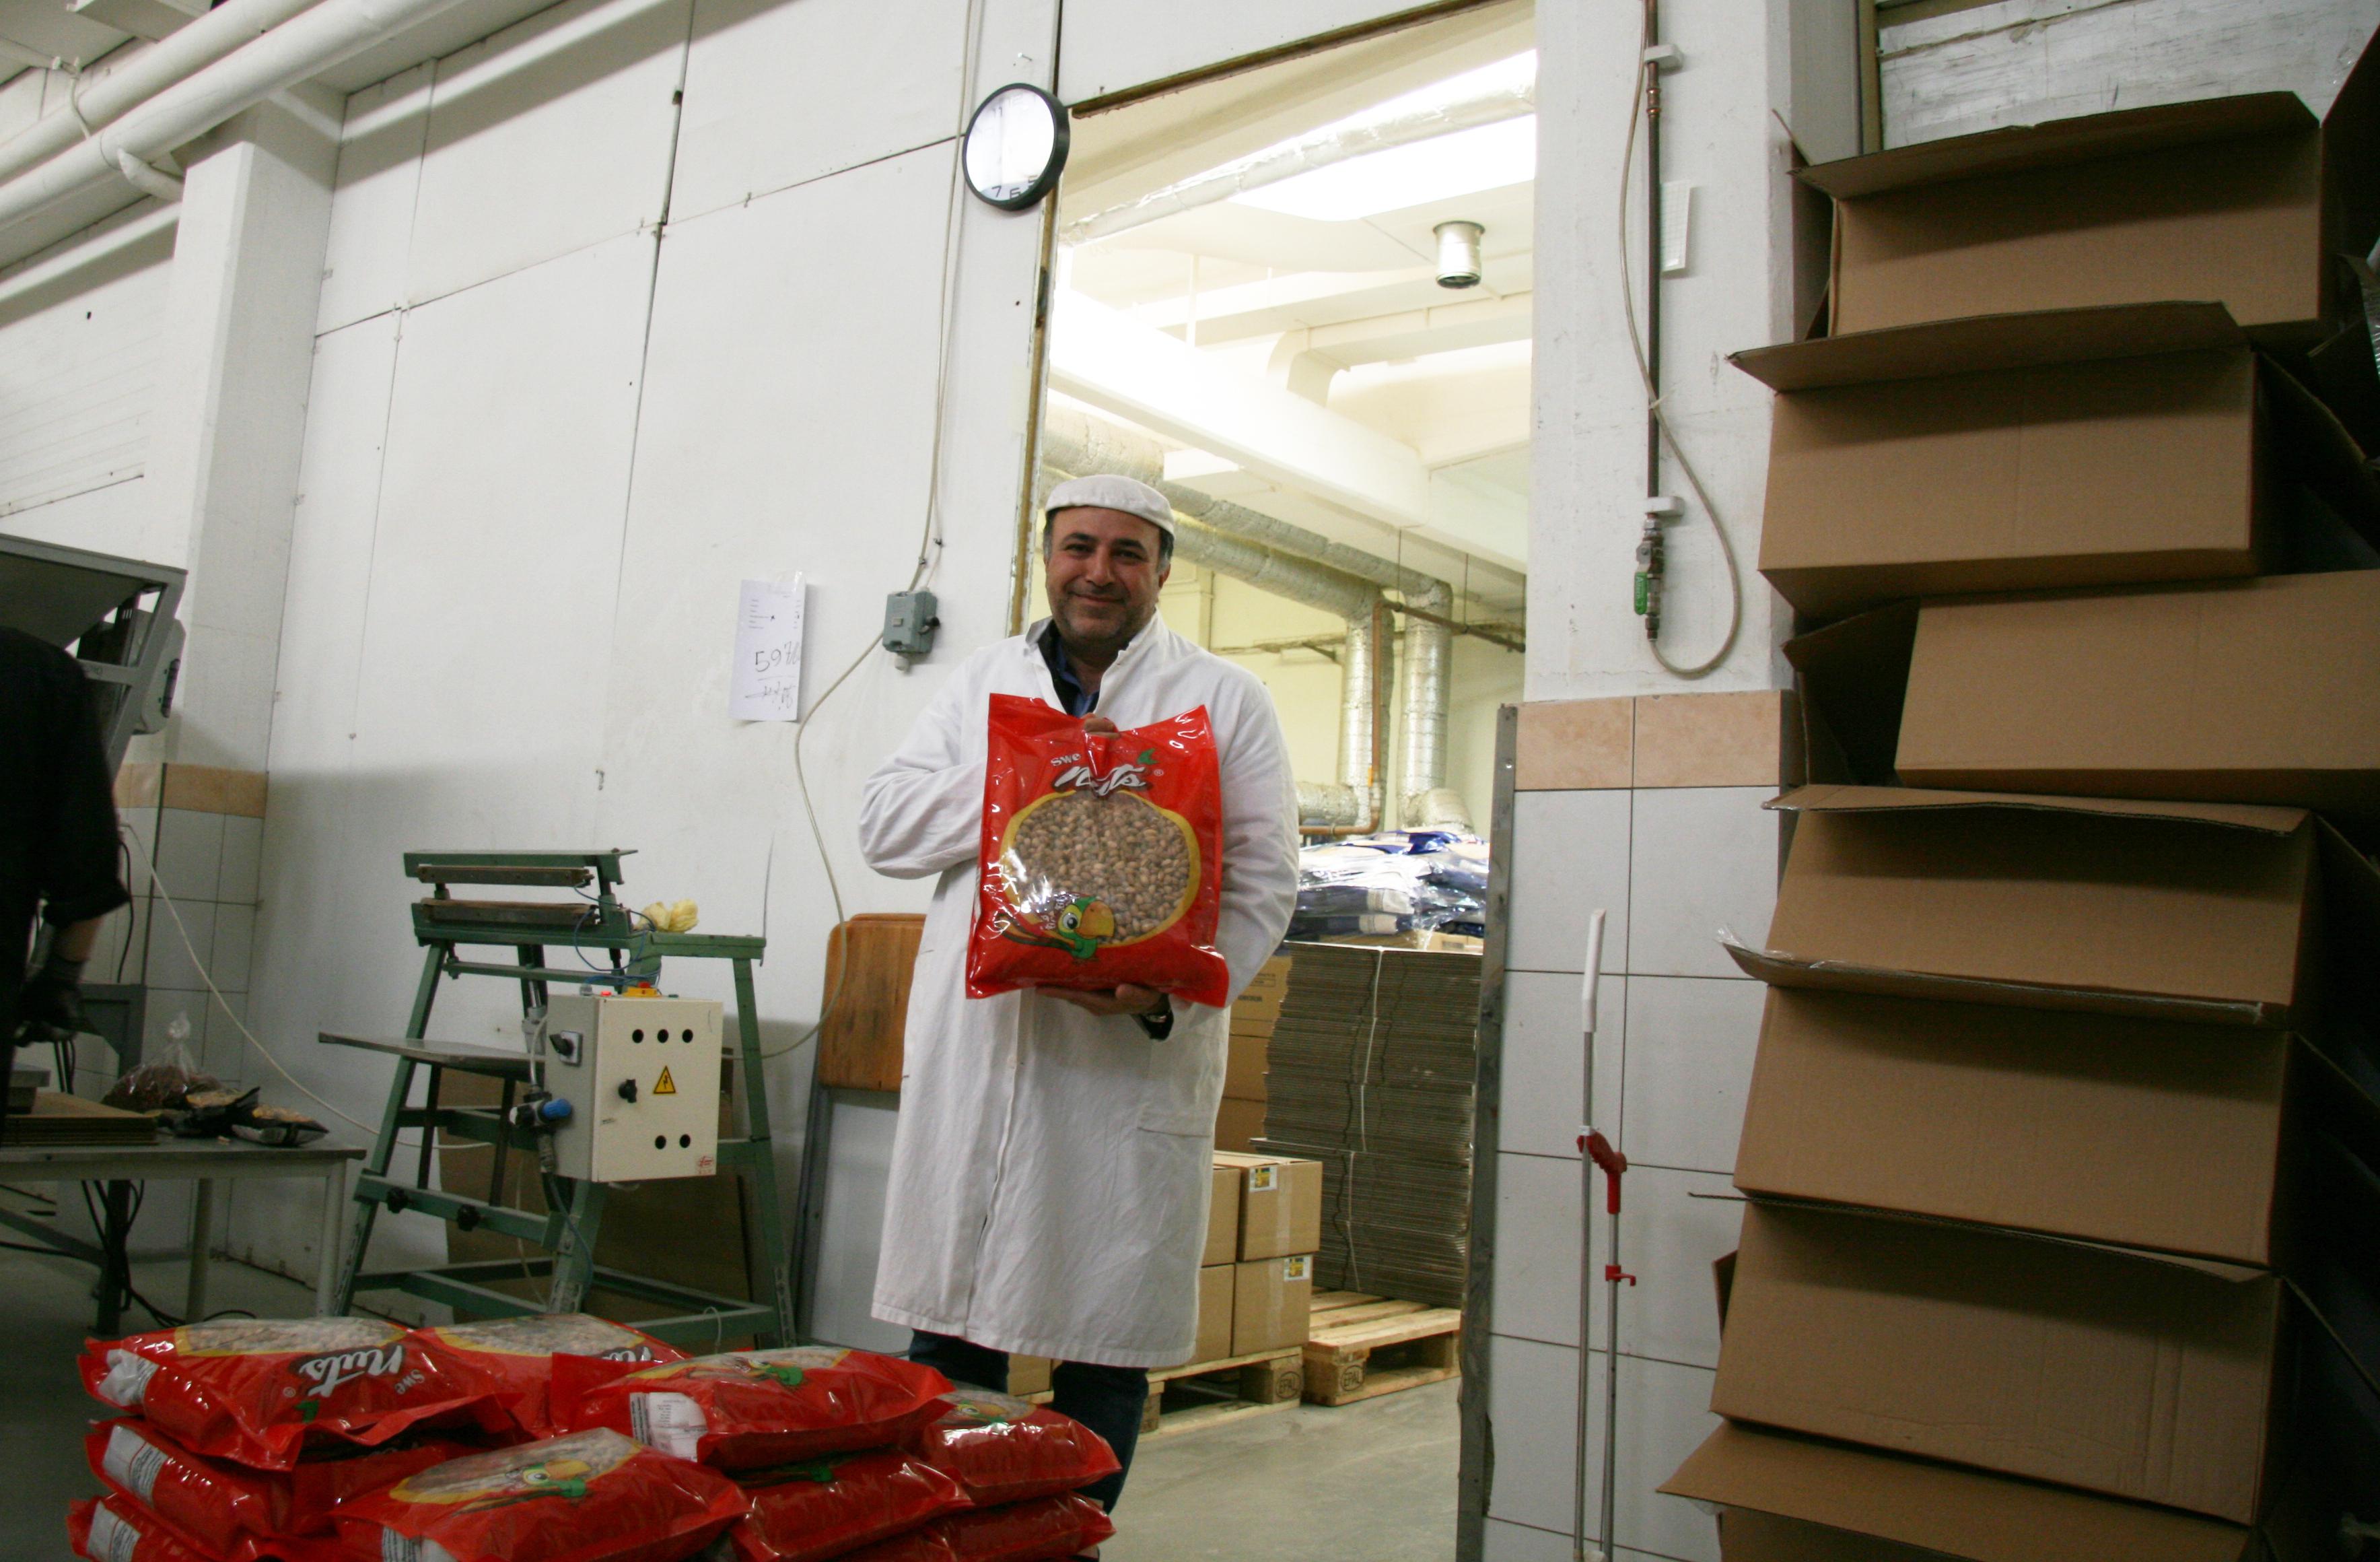 En nöjd rosteriägare med sin slutprodukt, rostade mandlar.